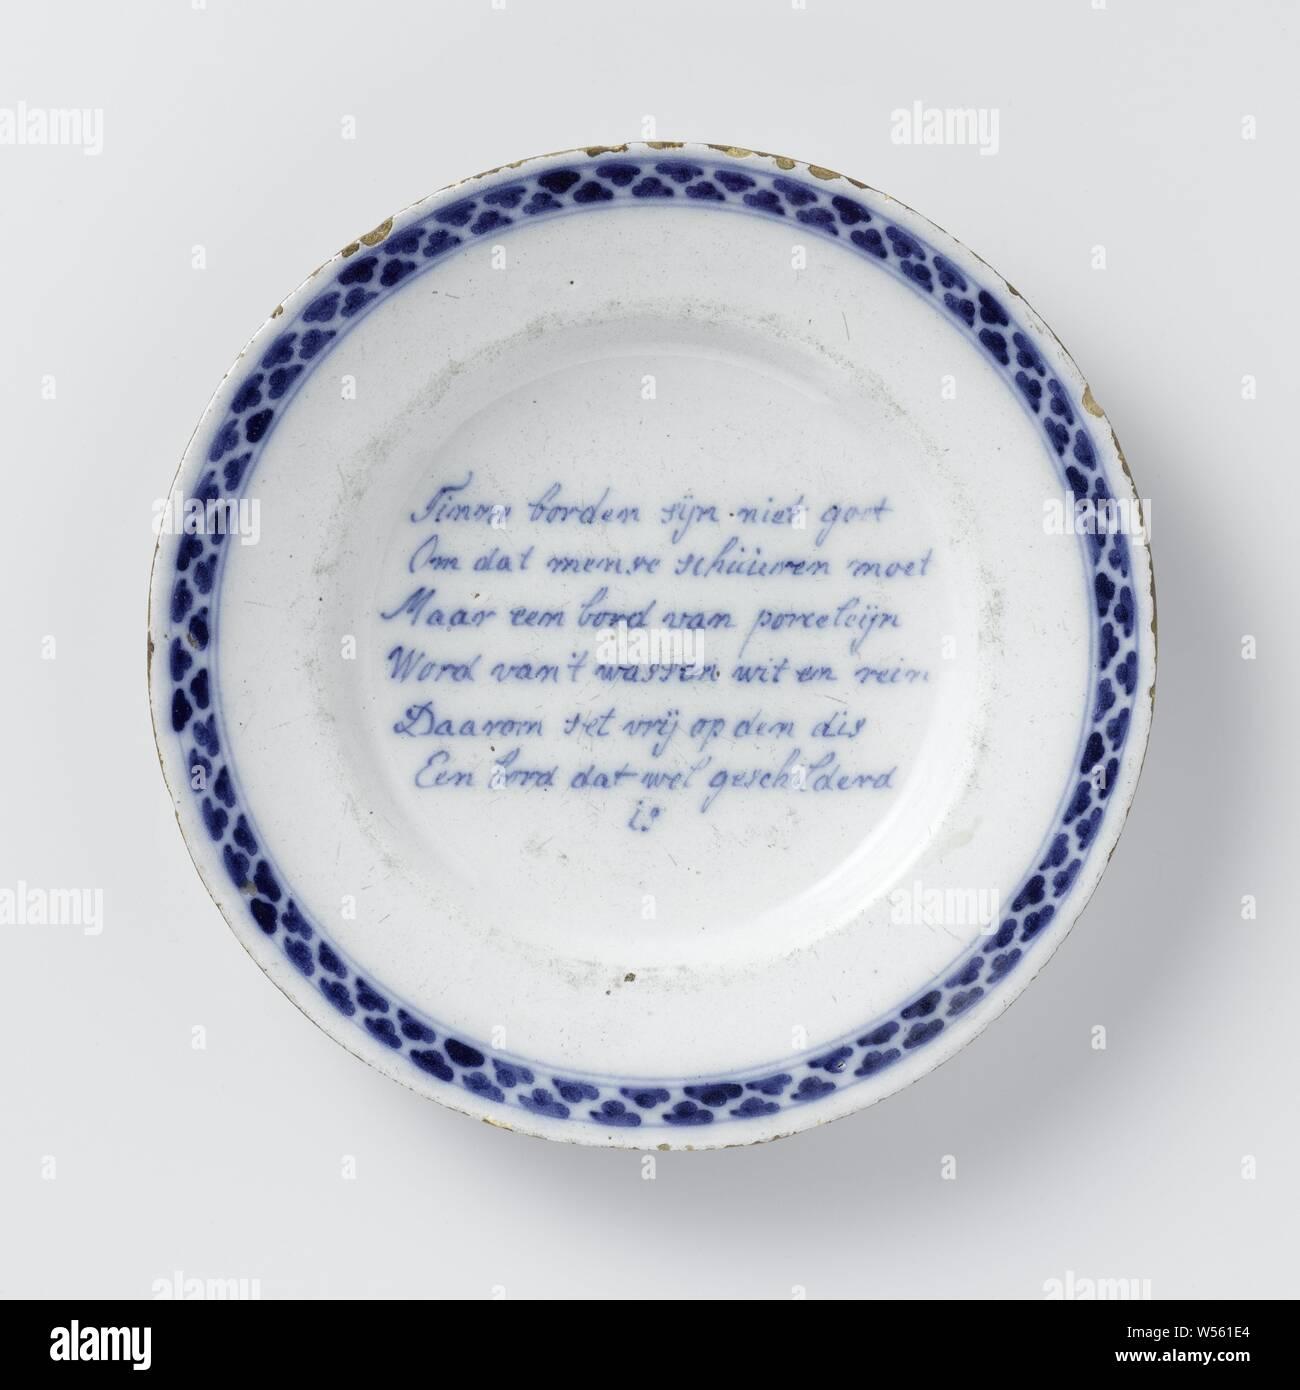 Assiette peinte avec un verset: Tinne plaques ne sont pas bien // parce que les gens ont besoin de faire ... Une plaque qui est peint // assiette de faïence. Peint en bleu avec un verset et une frontière décorées. Le verset se lit comme suit: Tinne plaques ne sont pas bien // parce que les gens ont à faire // Mais une plaque de porceline // deviennent blanches et propres // c'est pourquoi il est mis en liberté sur le disque // une plaque qui est peint // EST., anonyme, Delft, c. 1740 - c. 1755, D. 22,5 cm Banque D'Images